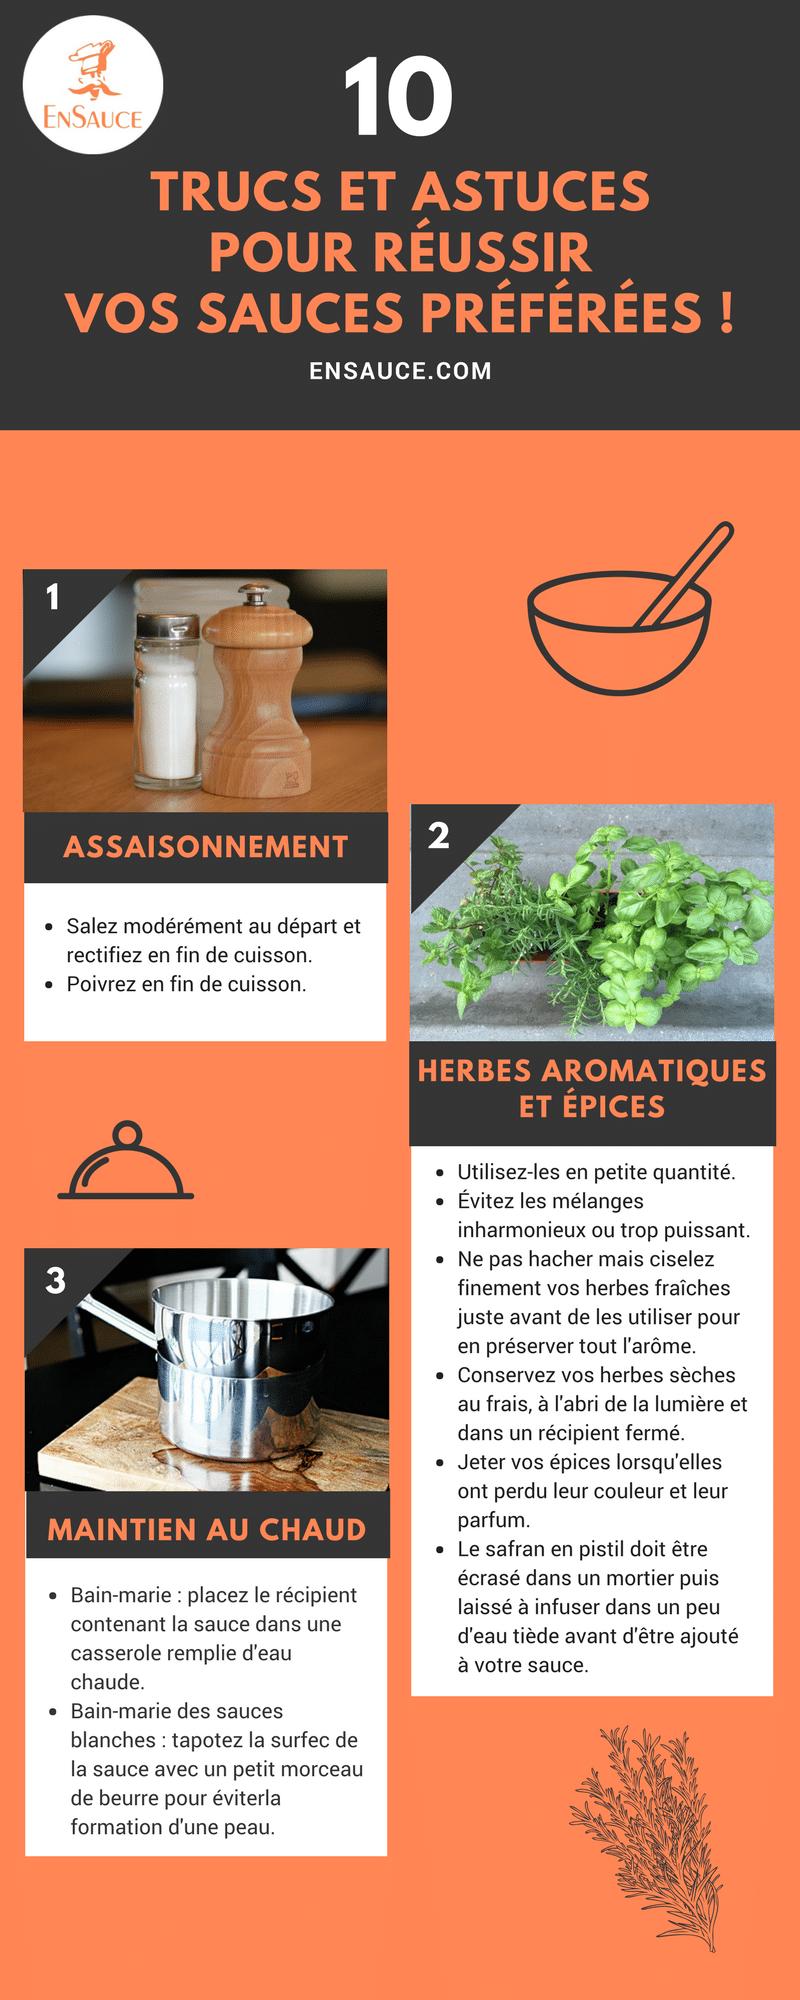 Infographie : 10 trucs et astuces pour réussir vos sauces préférées ! EnSauce.com